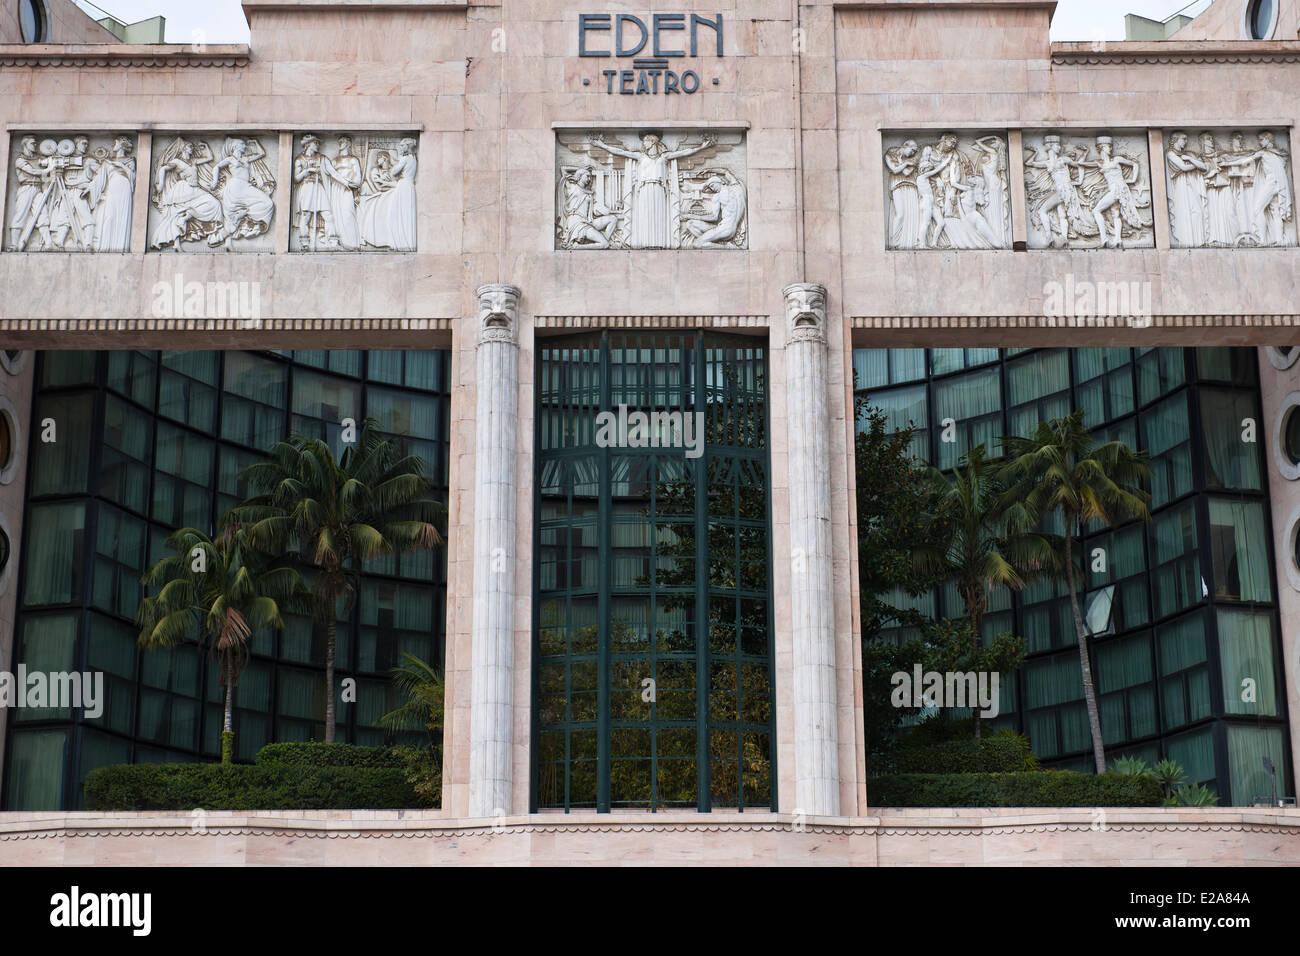 Portugal, Lisboa, el Teatro Eden y su imponente fachada de Praça dos Restauradores, por el arquitecto Cassiano Branco Foto de stock